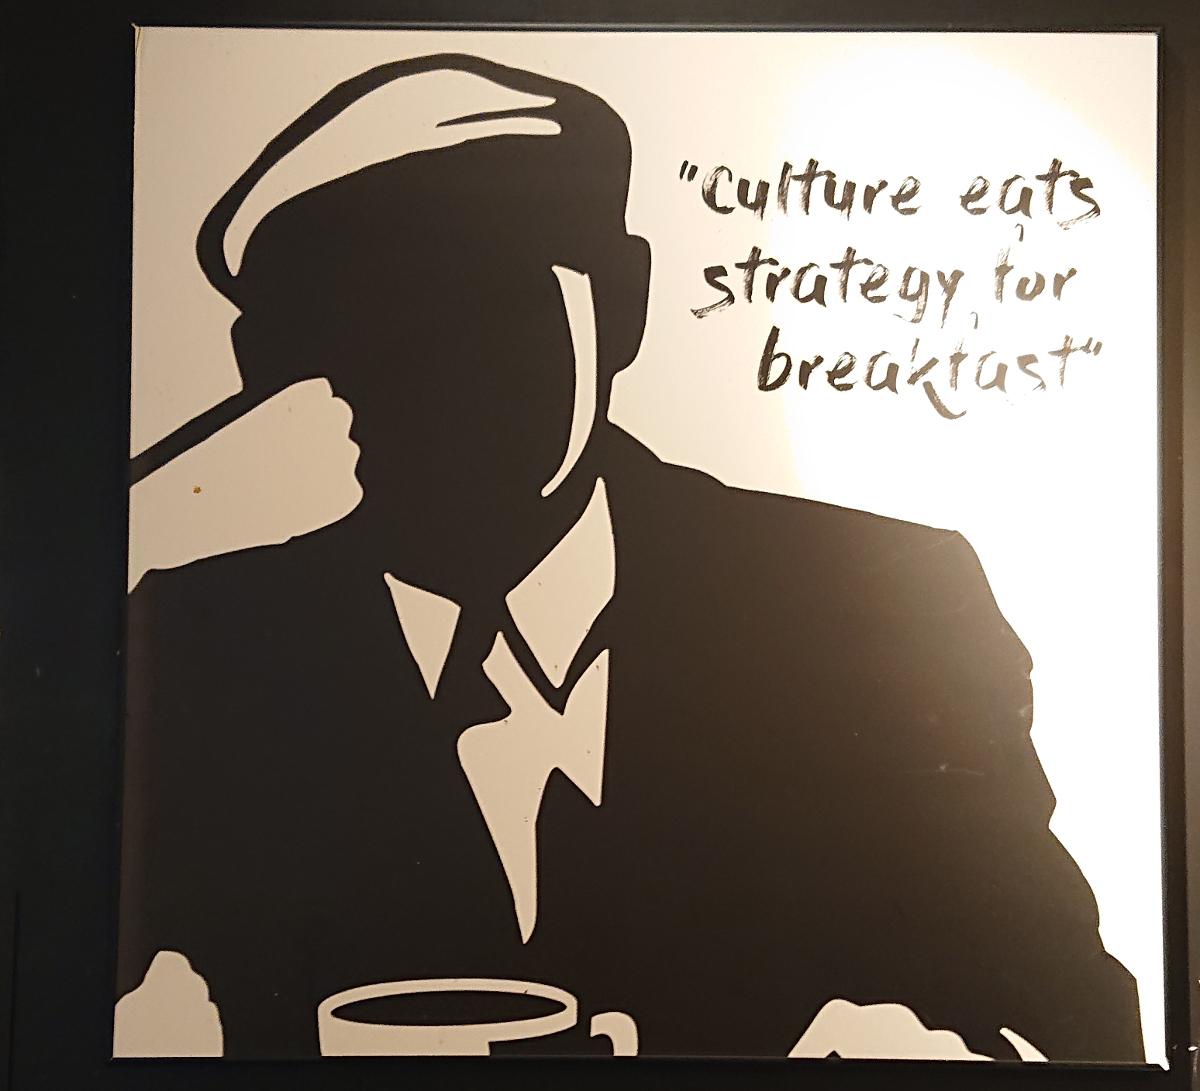 Kultur äter strategi till frukost